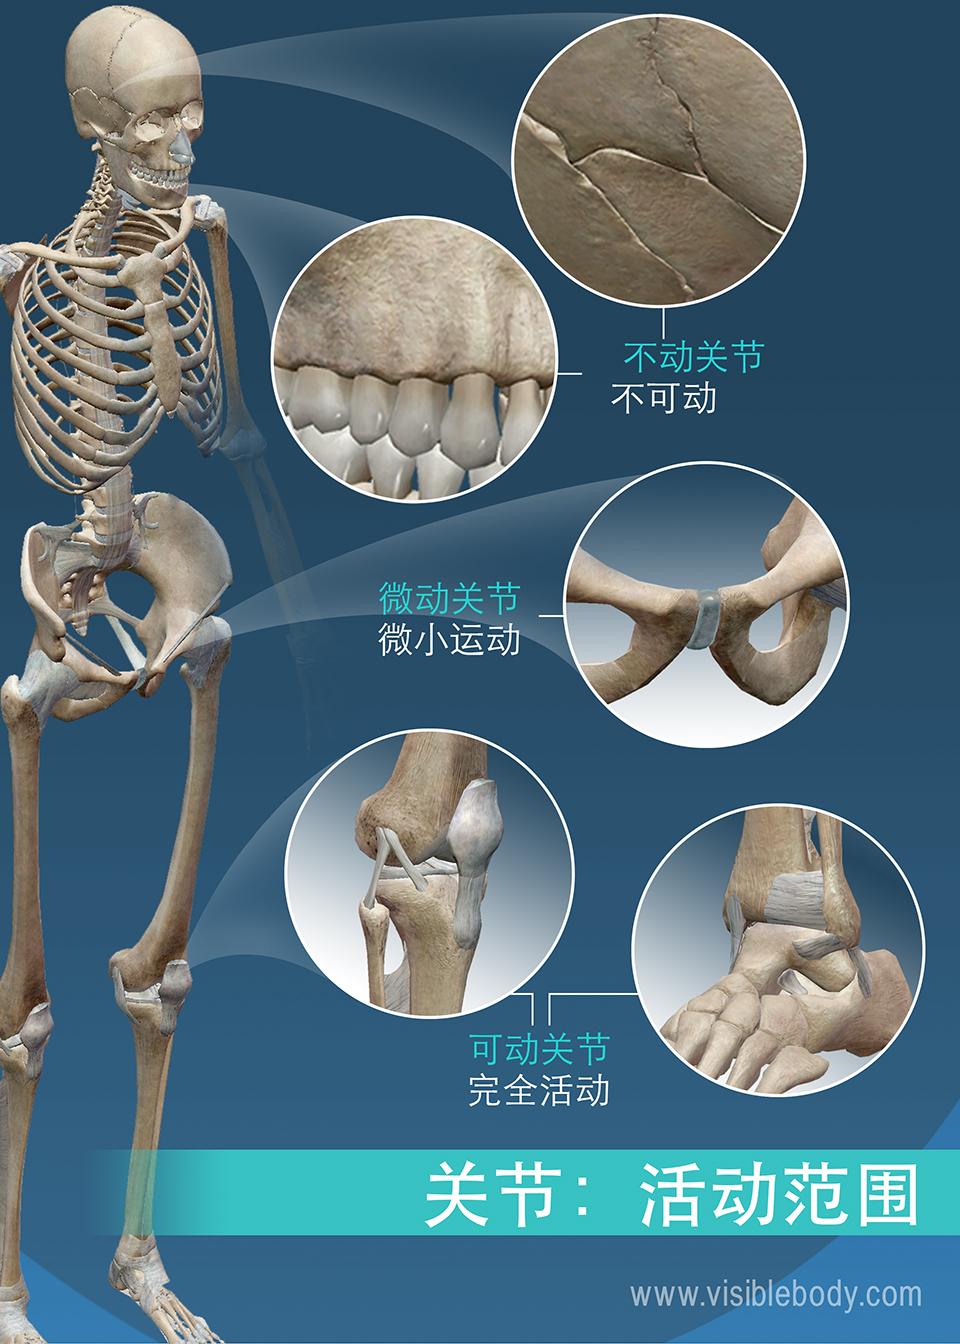 关节类型可以按活动范围分类: 不动关节、微动关节和可动关节